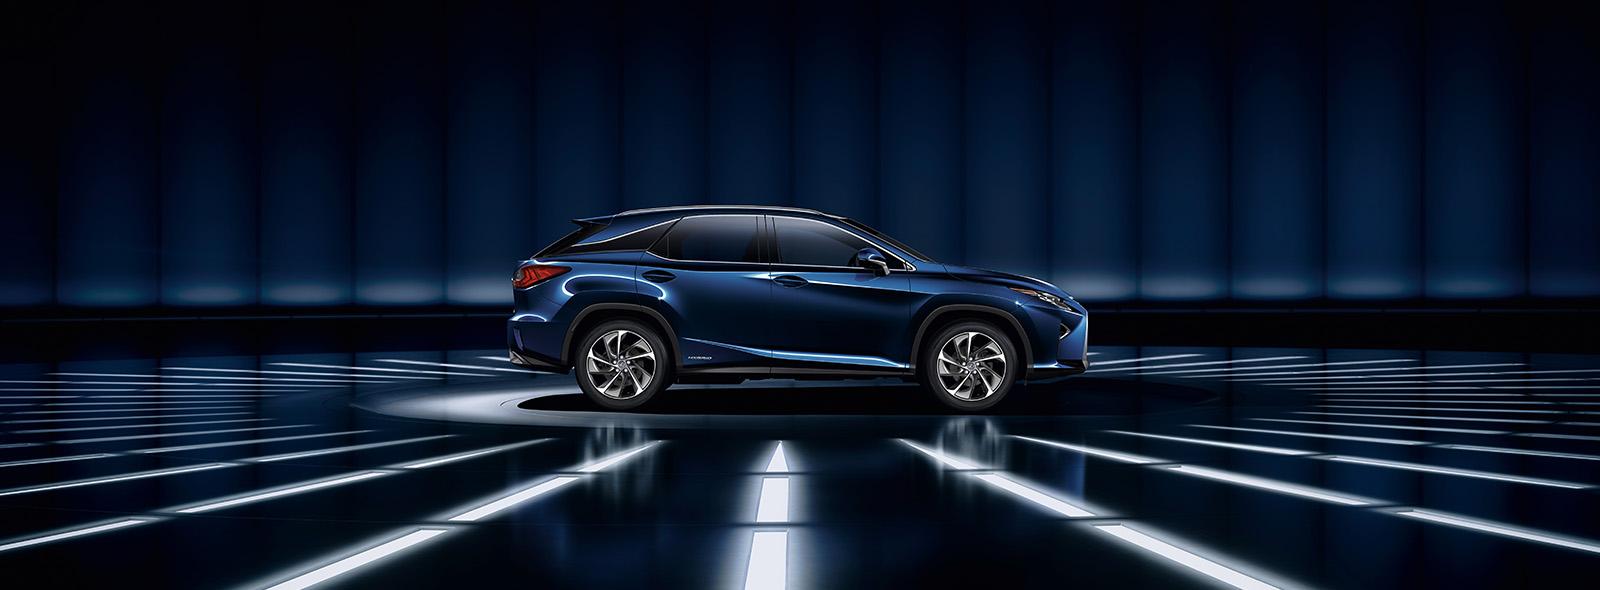 Zijaanzicht van een donkerblauwe Lexus RX